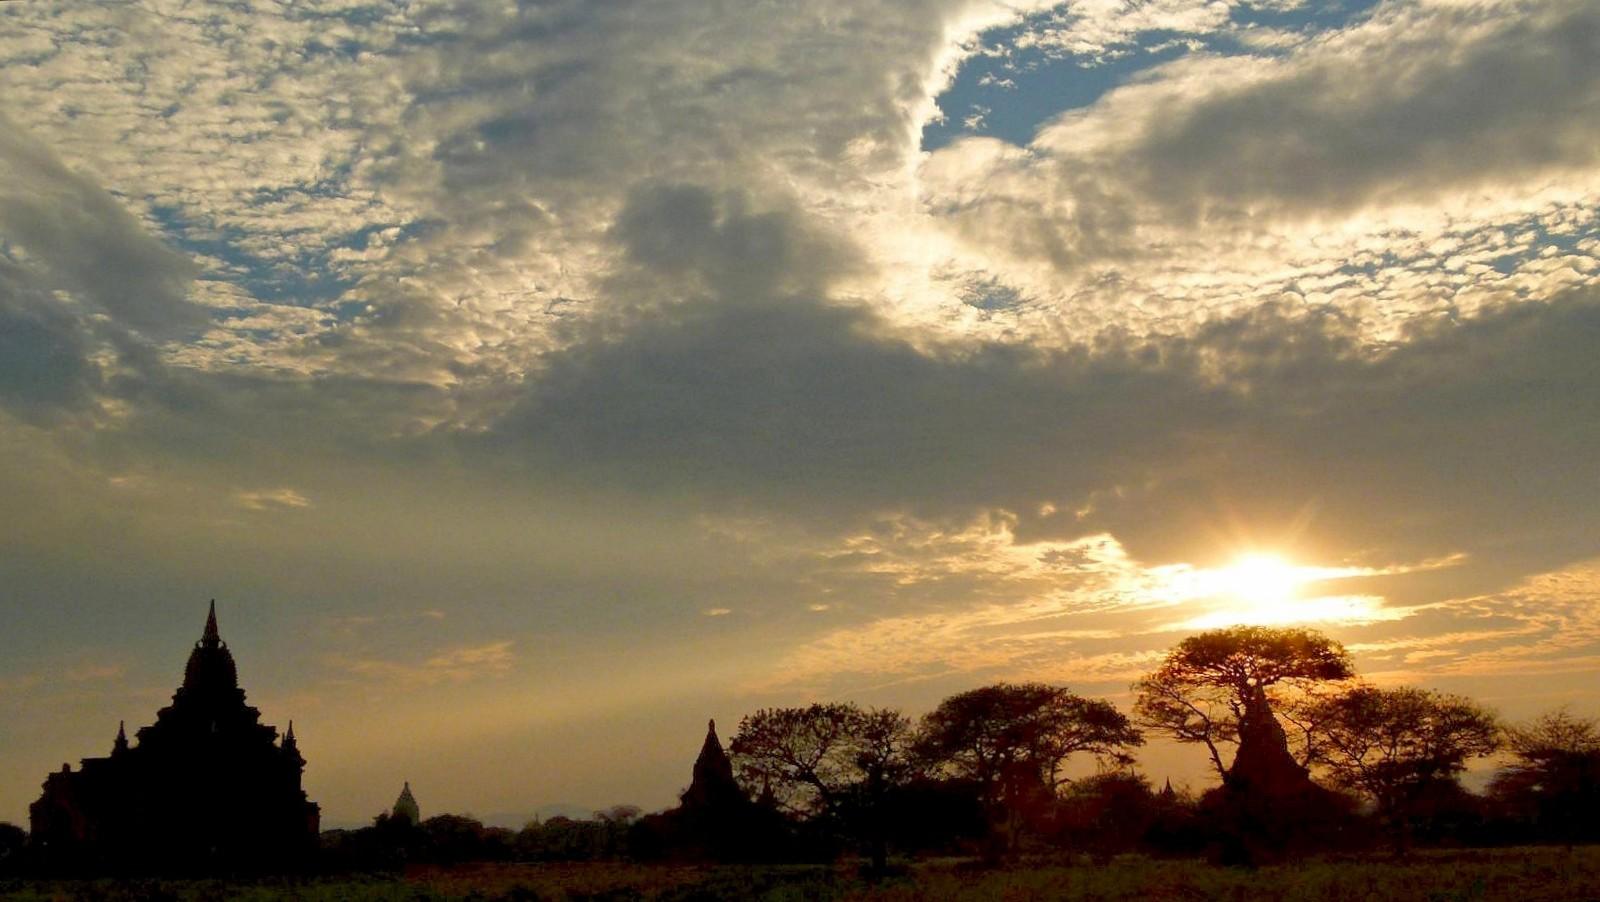 Retouche coucher de soleil P1300113